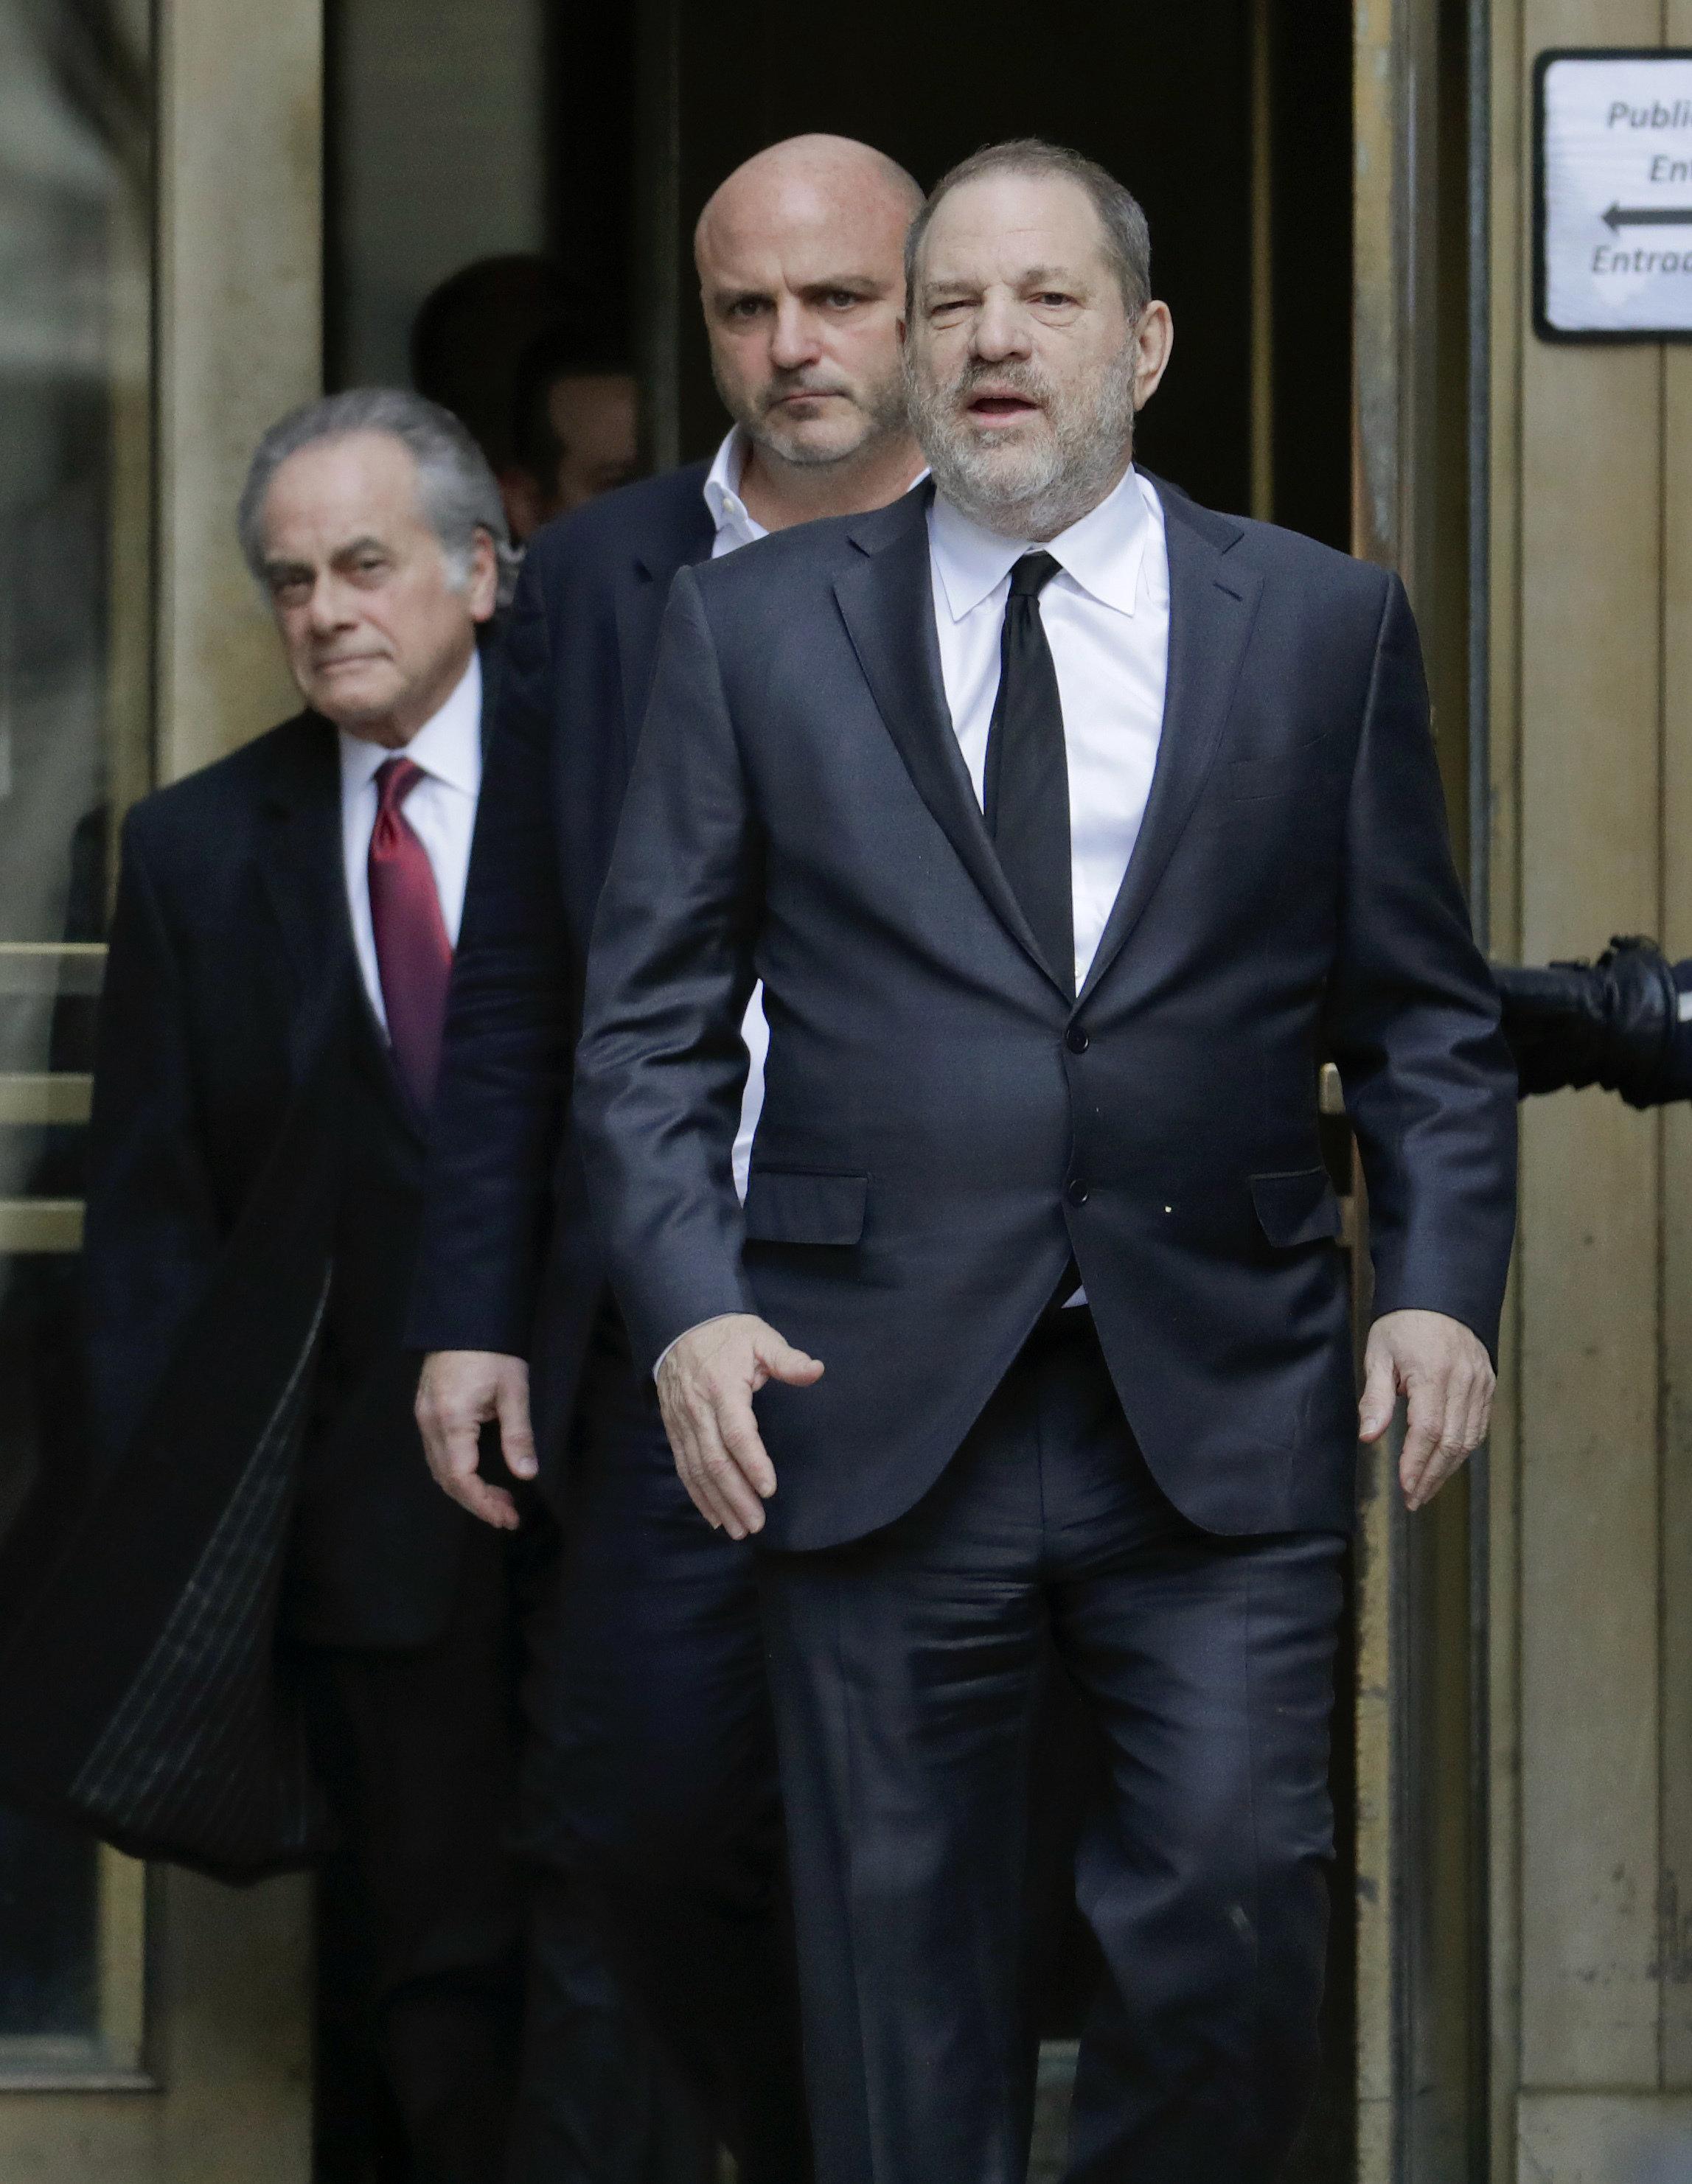 Ο Χάρβεϊ Γουάινσταϊν θέλει απελπισμένα να βρει γυναίκα δικηγόρο (αλλά δεν τα